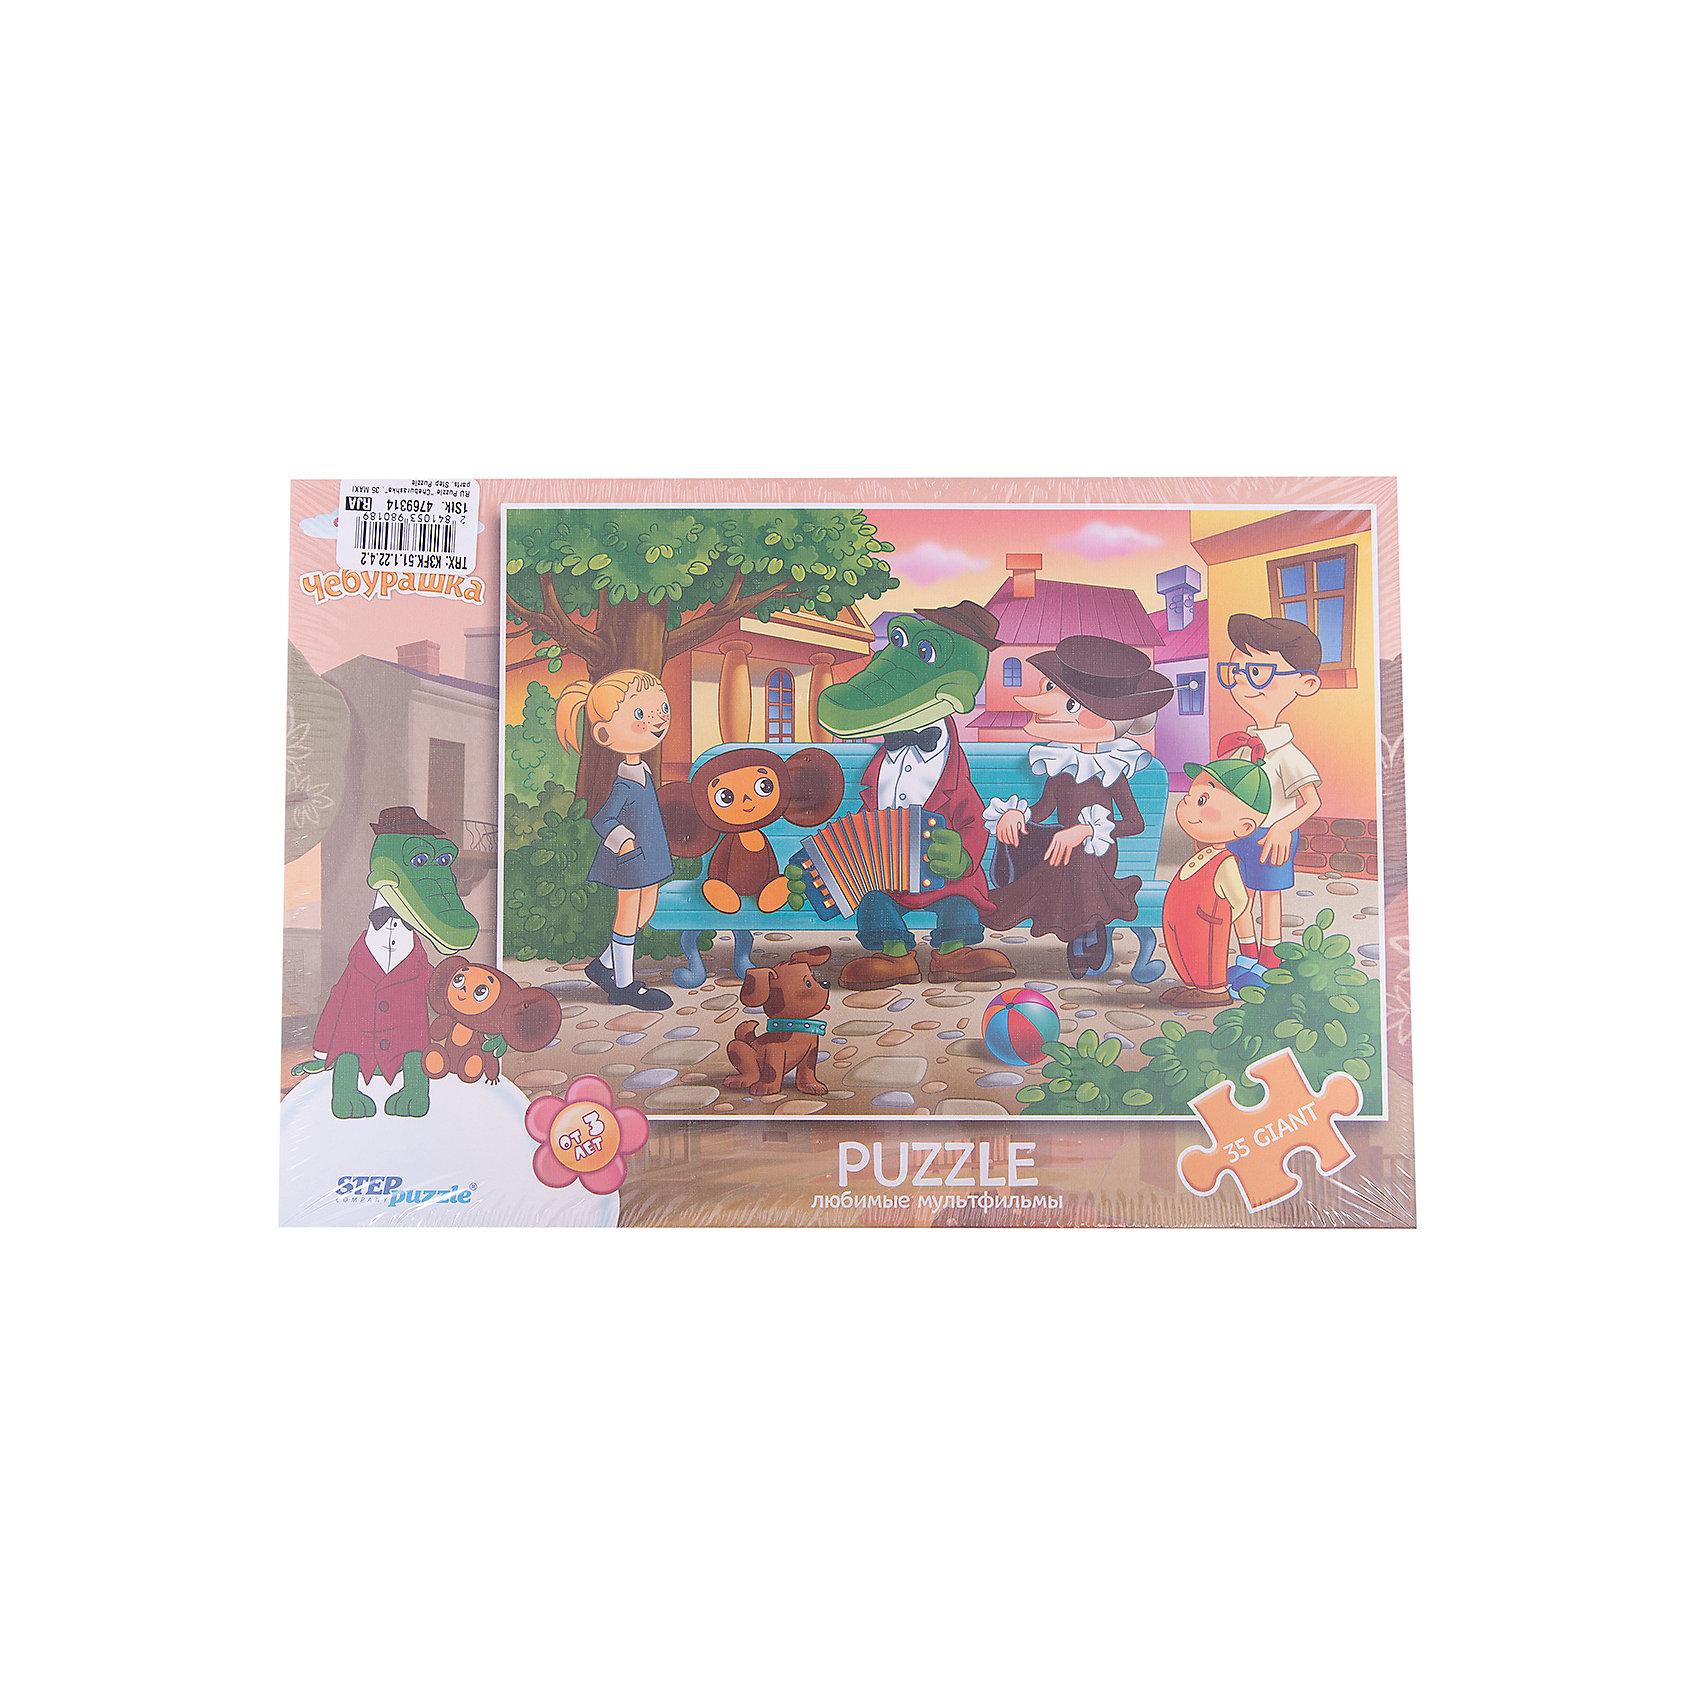 Пазл Чебурашка, 35 MAXI деталей, Step PuzzleПазл Чебурашка, 35 MAXI деталей, Step Puzzle (Степ Пазл) – это замечательный красочный пазл с изображением любимых героев.<br>Пазл «Чебурашка» создан по мотивам популярного советского мультфильма, посвященного 2 закадычным друзьям, придуманным писателем Эдуардом Успенским. Подарите ребенку чудесный пазл, и он будет увлеченно подбирать детали, пока не составит яркую и интересную картинку, на которой Чебурашка, старуха Шапокляк и их друзья собрались вокруг Крокодила Ген, который играет на гармошке. Большие детали позволяют самостоятельно собирать картинку даже маленьким детям. Сборка пазла Чебурашка от Step Puzzle (Степ Пазл) подарит Вашему ребенку множество увлекательных вечеров и принесет пользу для развития. Координация, моторика, внимательность легко тренируются, пока ребенок увлеченно собирает пазл. Детали пазла хорошо проклеены, идеально сцепляются друг с другом, не расслаиваются.<br><br>Дополнительная информация:<br><br>- Количество деталей: 35 MAXI<br>- Размер собранной картинки: 68х48 см.<br>- Материал: высококачественный картон<br>- Упаковка: картонная коробка<br>- Размер упаковки: 27x40x6 см.<br>- Вес: 686 гр.<br><br>Пазл Чебурашка, 35 MAXI деталей, Step Puzzle (Степ Пазл) можно купить в нашем интернет-магазине.<br><br>Ширина мм: 400<br>Глубина мм: 270<br>Высота мм: 55<br>Вес г: 740<br>Возраст от месяцев: 36<br>Возраст до месяцев: 96<br>Пол: Унисекс<br>Возраст: Детский<br>Количество деталей: 35<br>SKU: 4769314